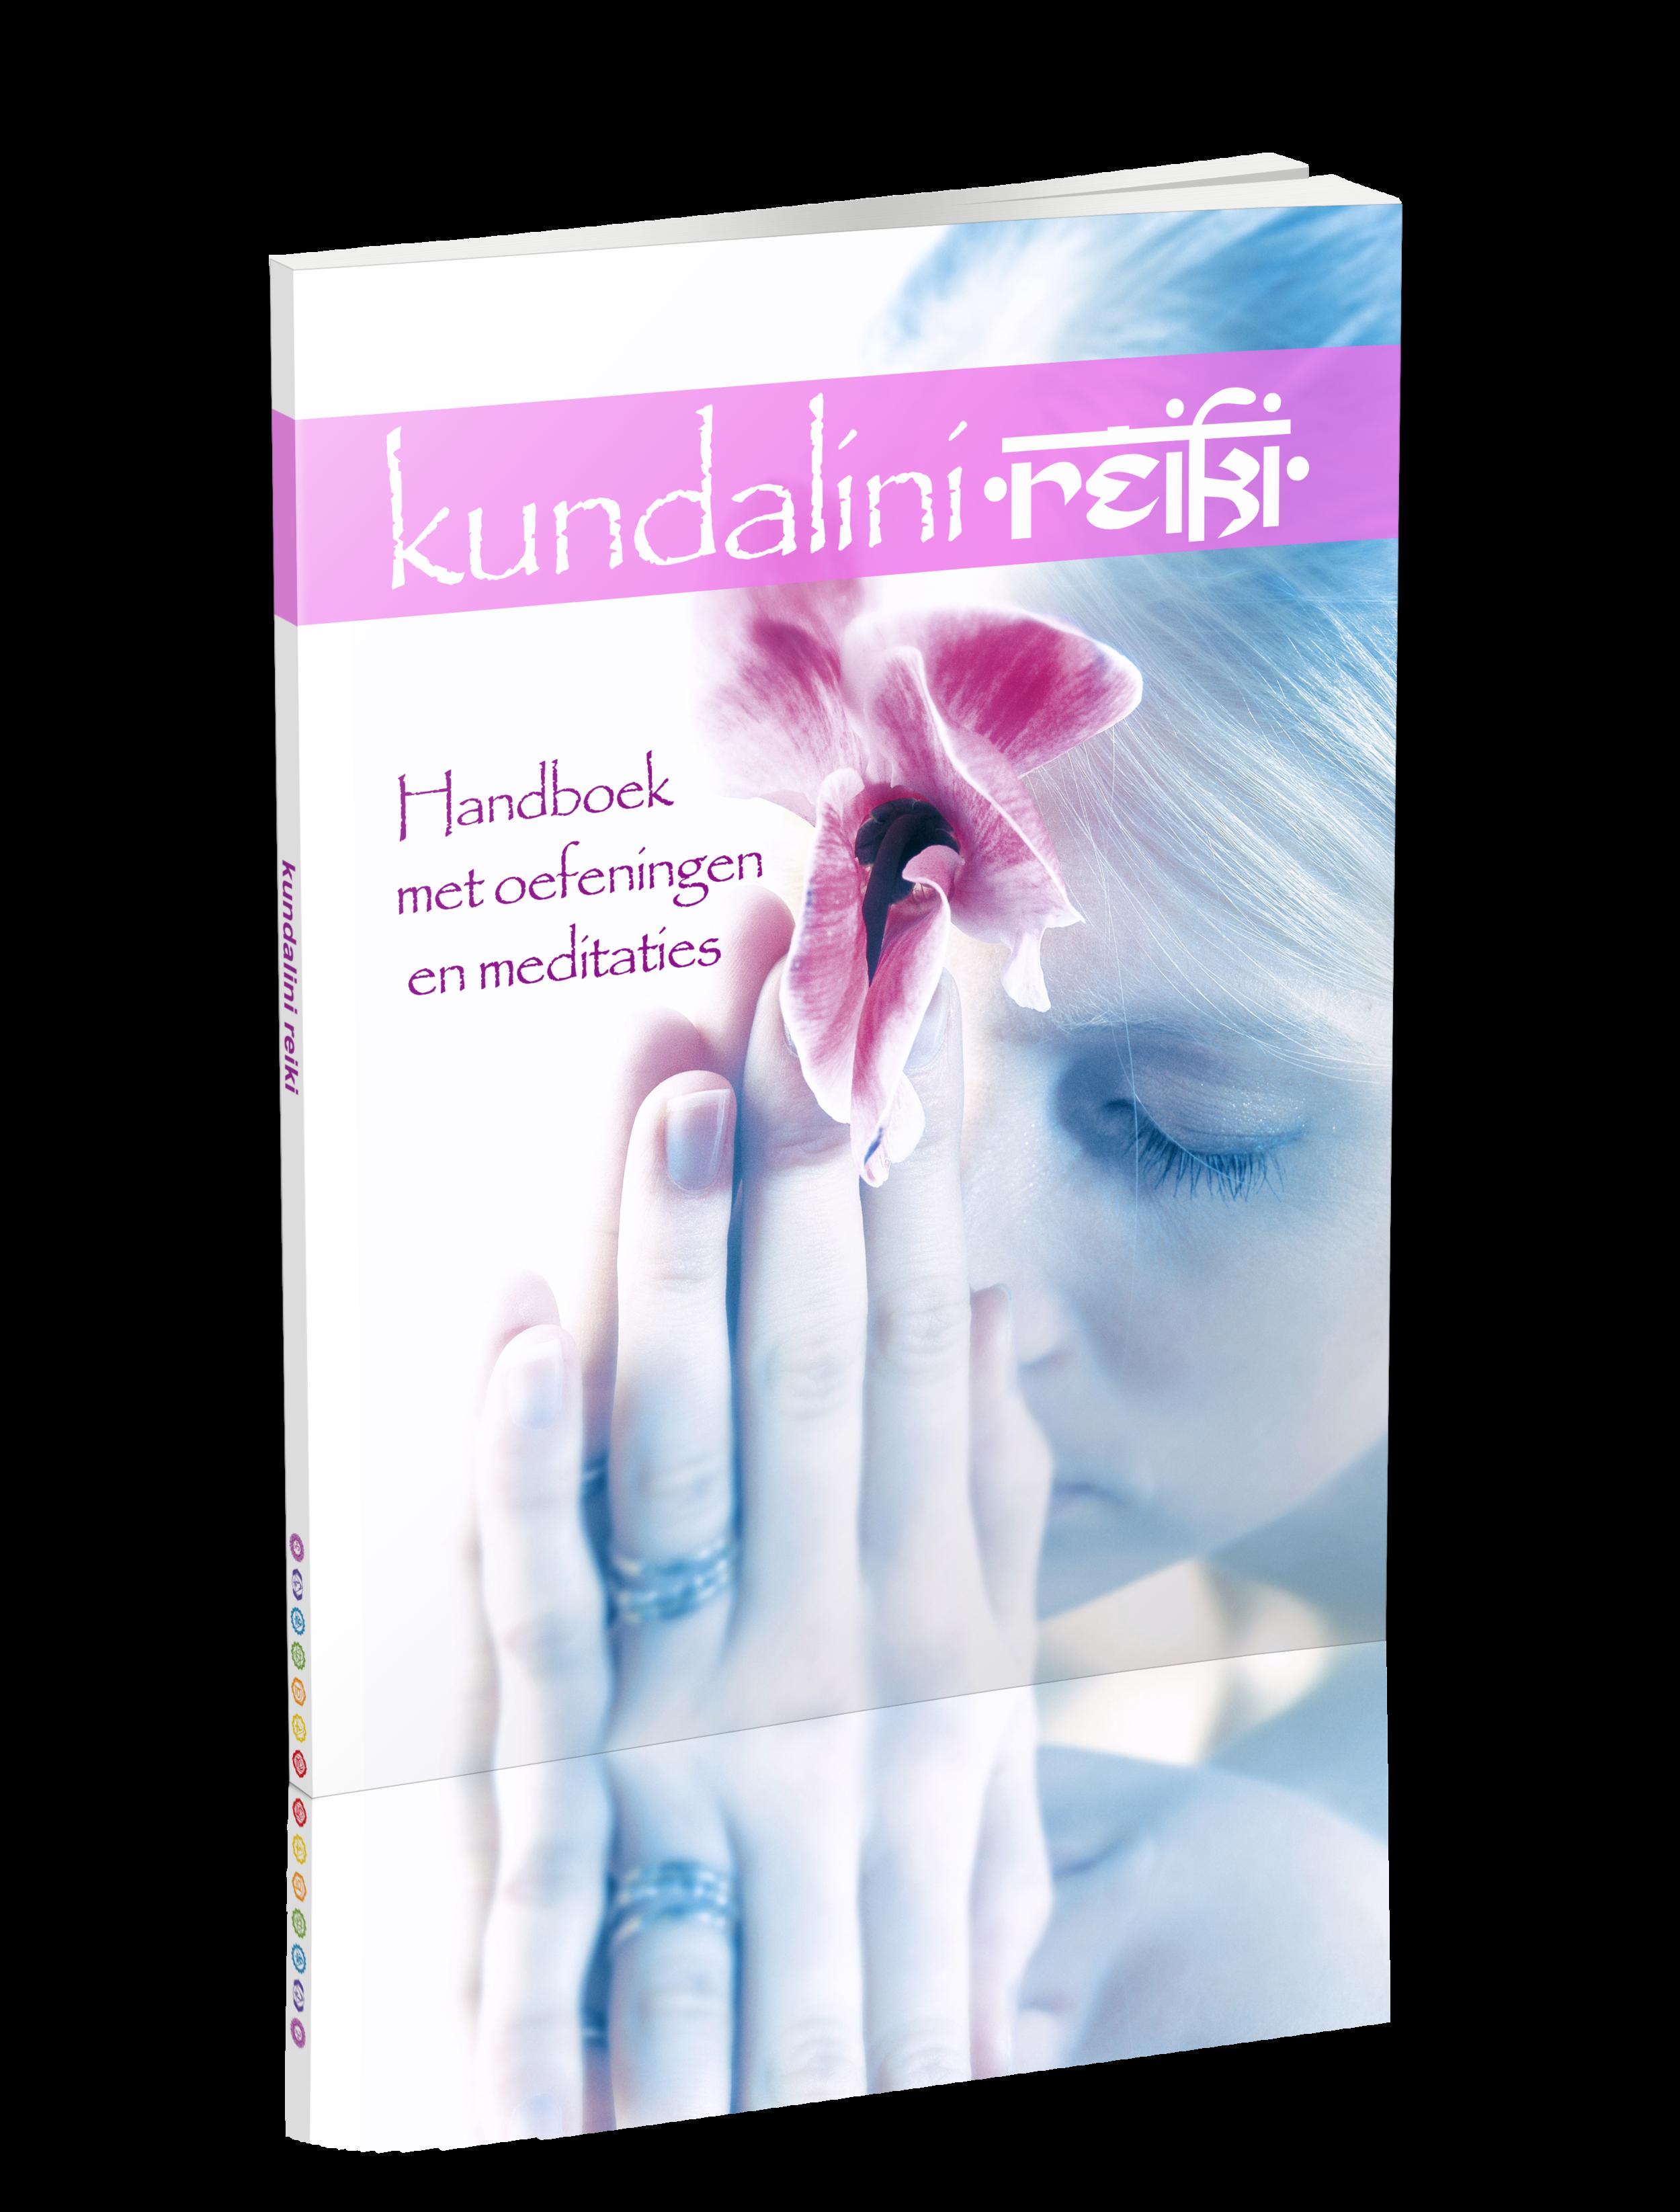 Thuisstudie kundalini reiki - Leer alle techniekenOntvang de afstandsinwijdingenMet digitaal handboek (PDF)Oefeningen, duidelijke uitlegTips en advies van Reiki Master Bas Akkerman